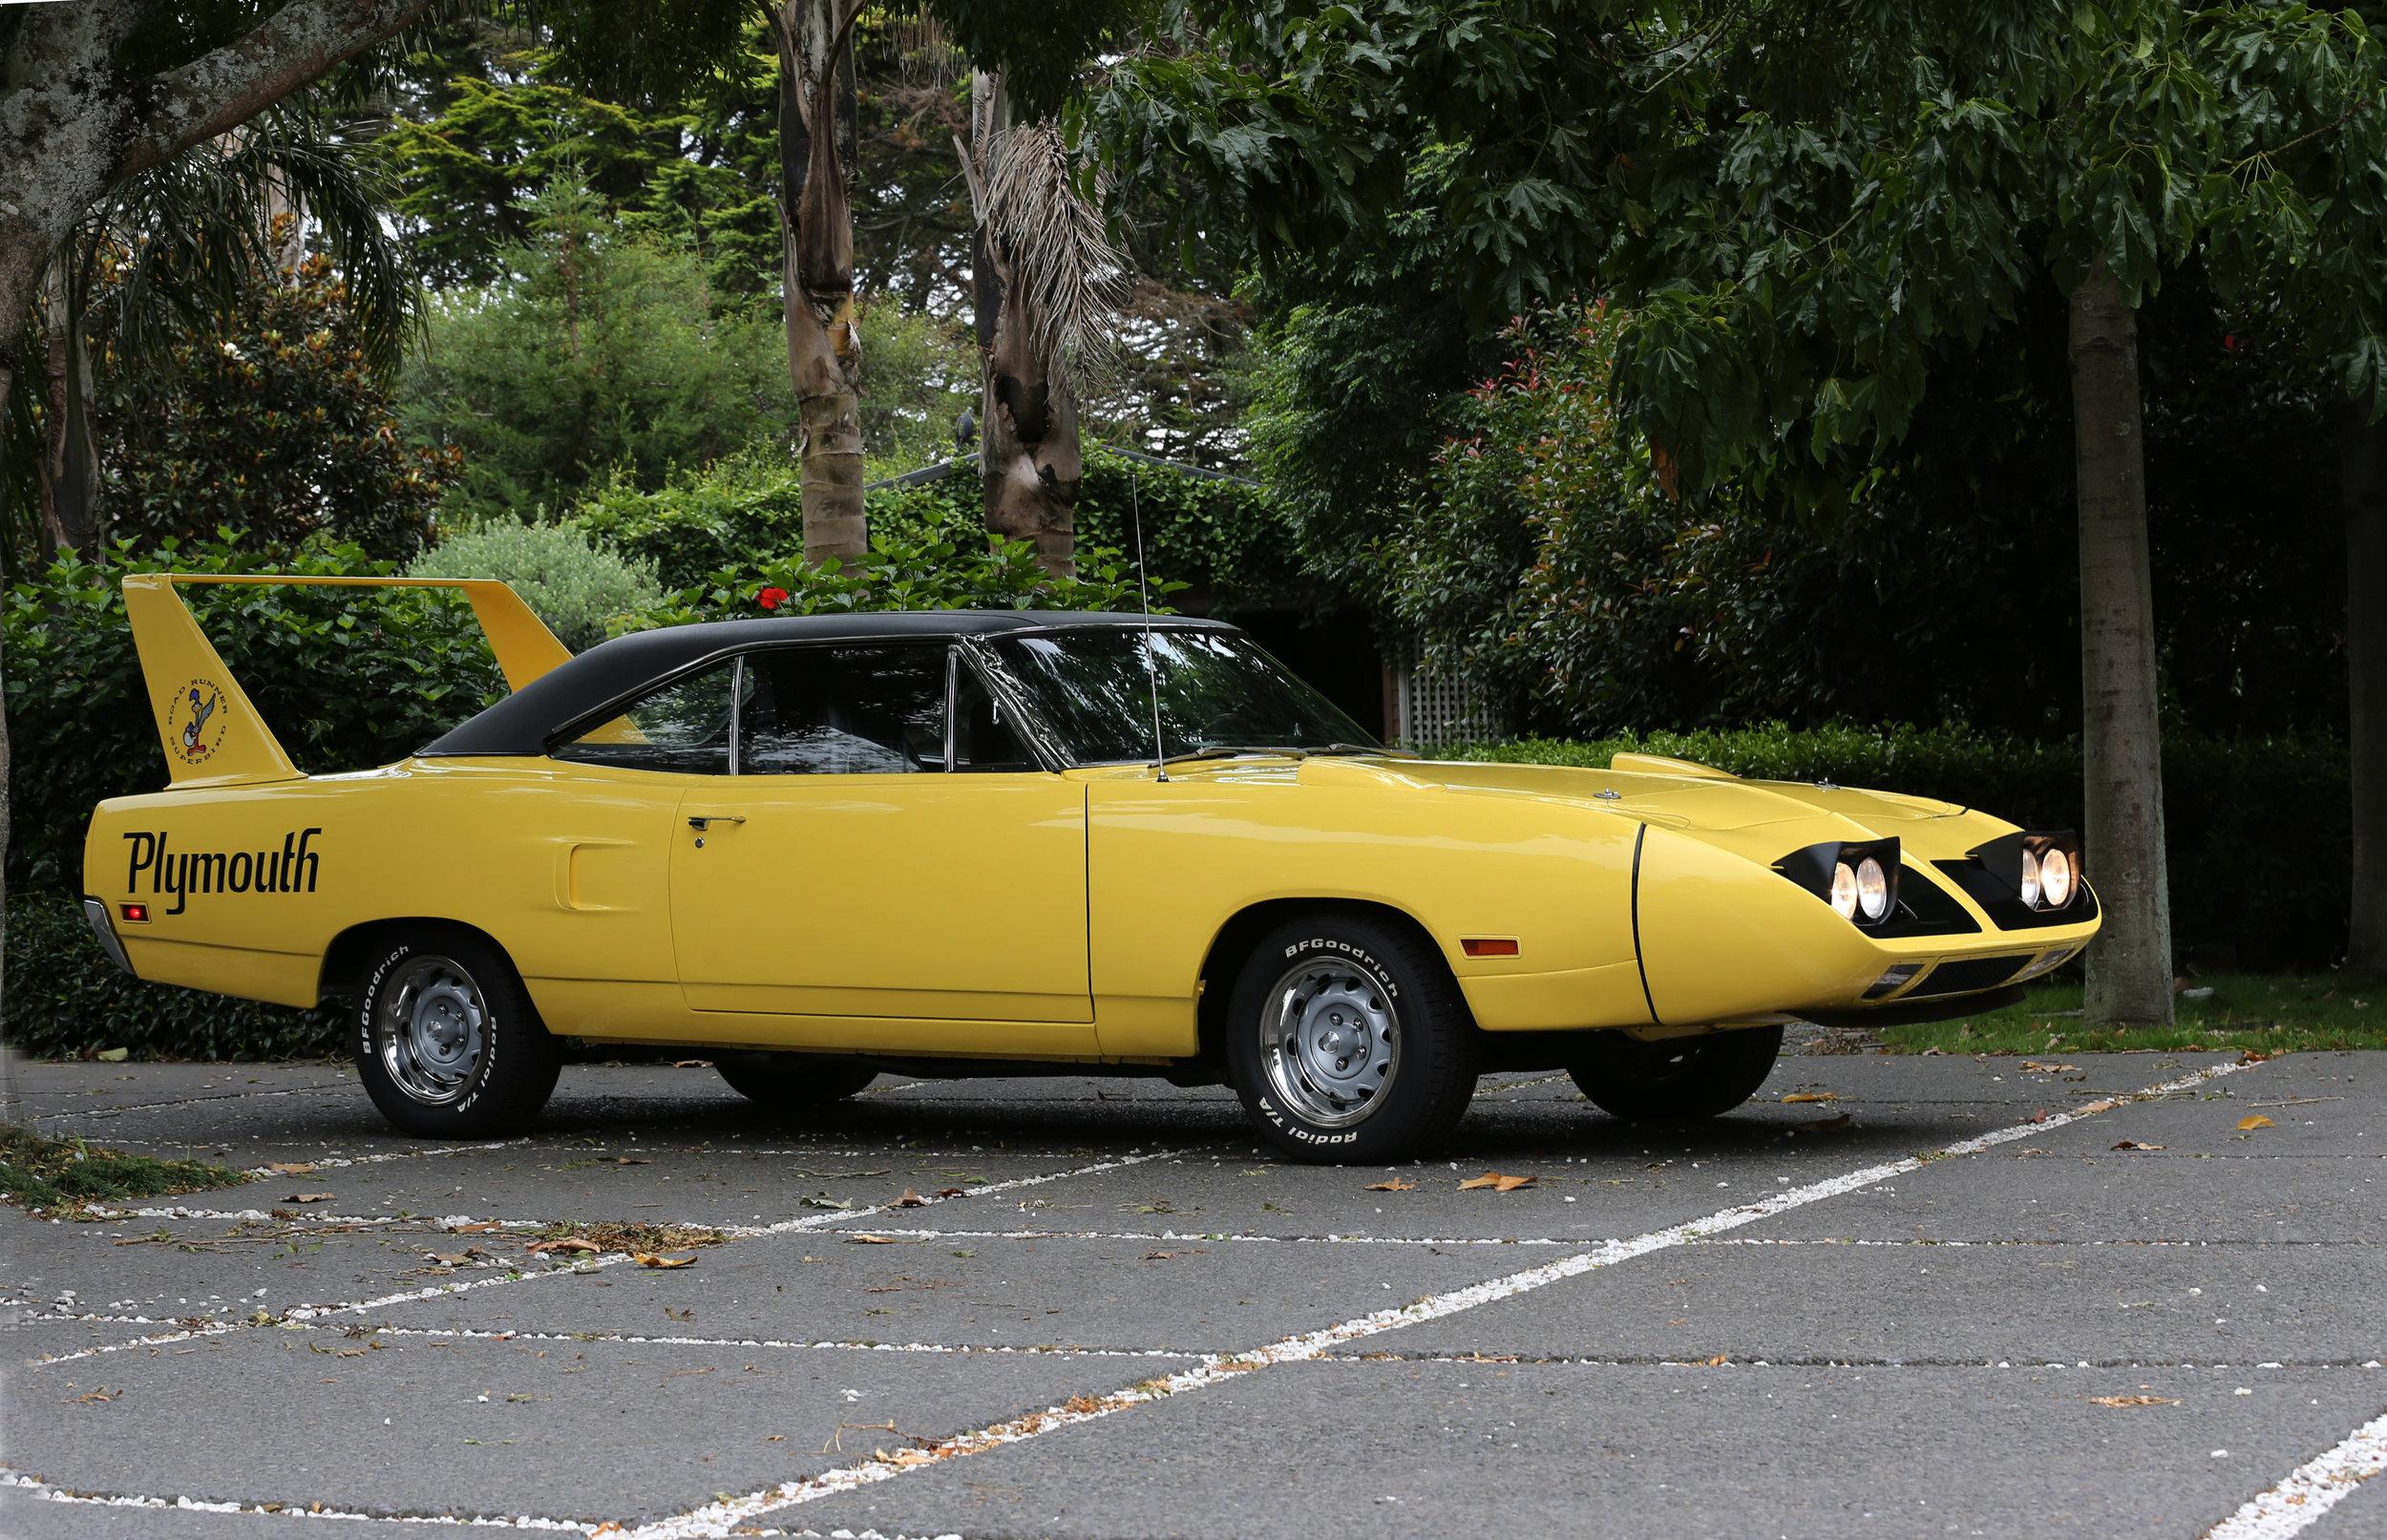 Plymouth Roadrunner #13.jpg